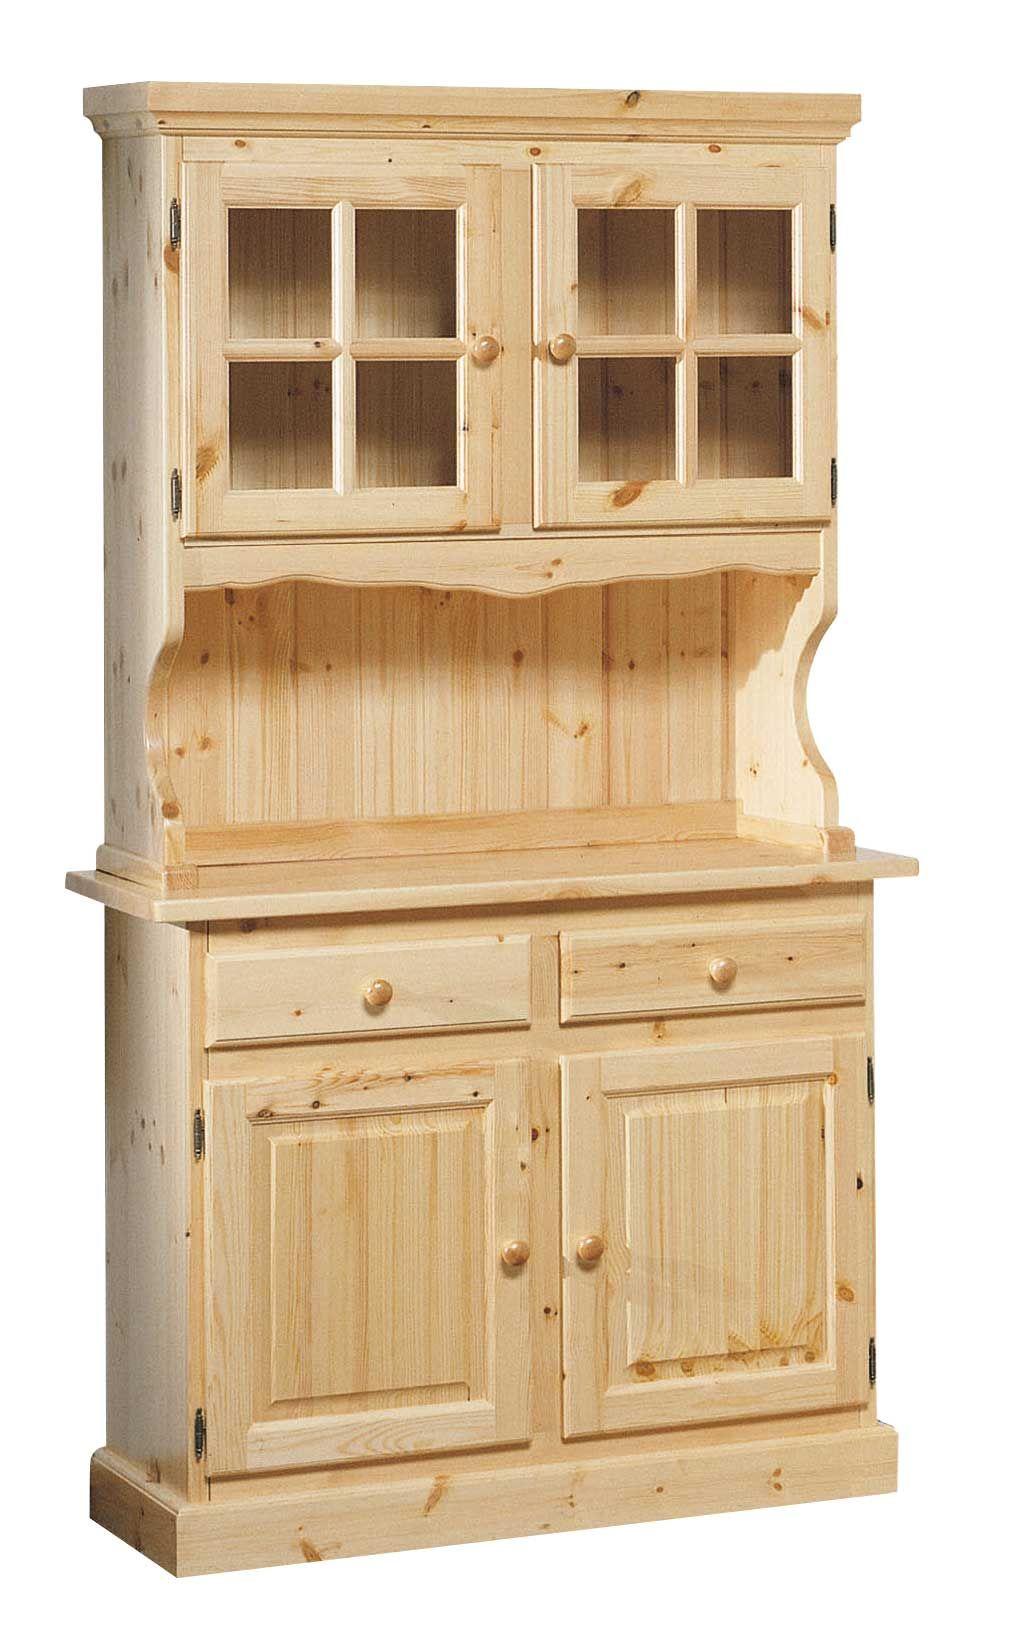 Cristalliera rustica cornice dritta proposta in colore naturale completamente in legno massello - Mobili in pino di svezia ...